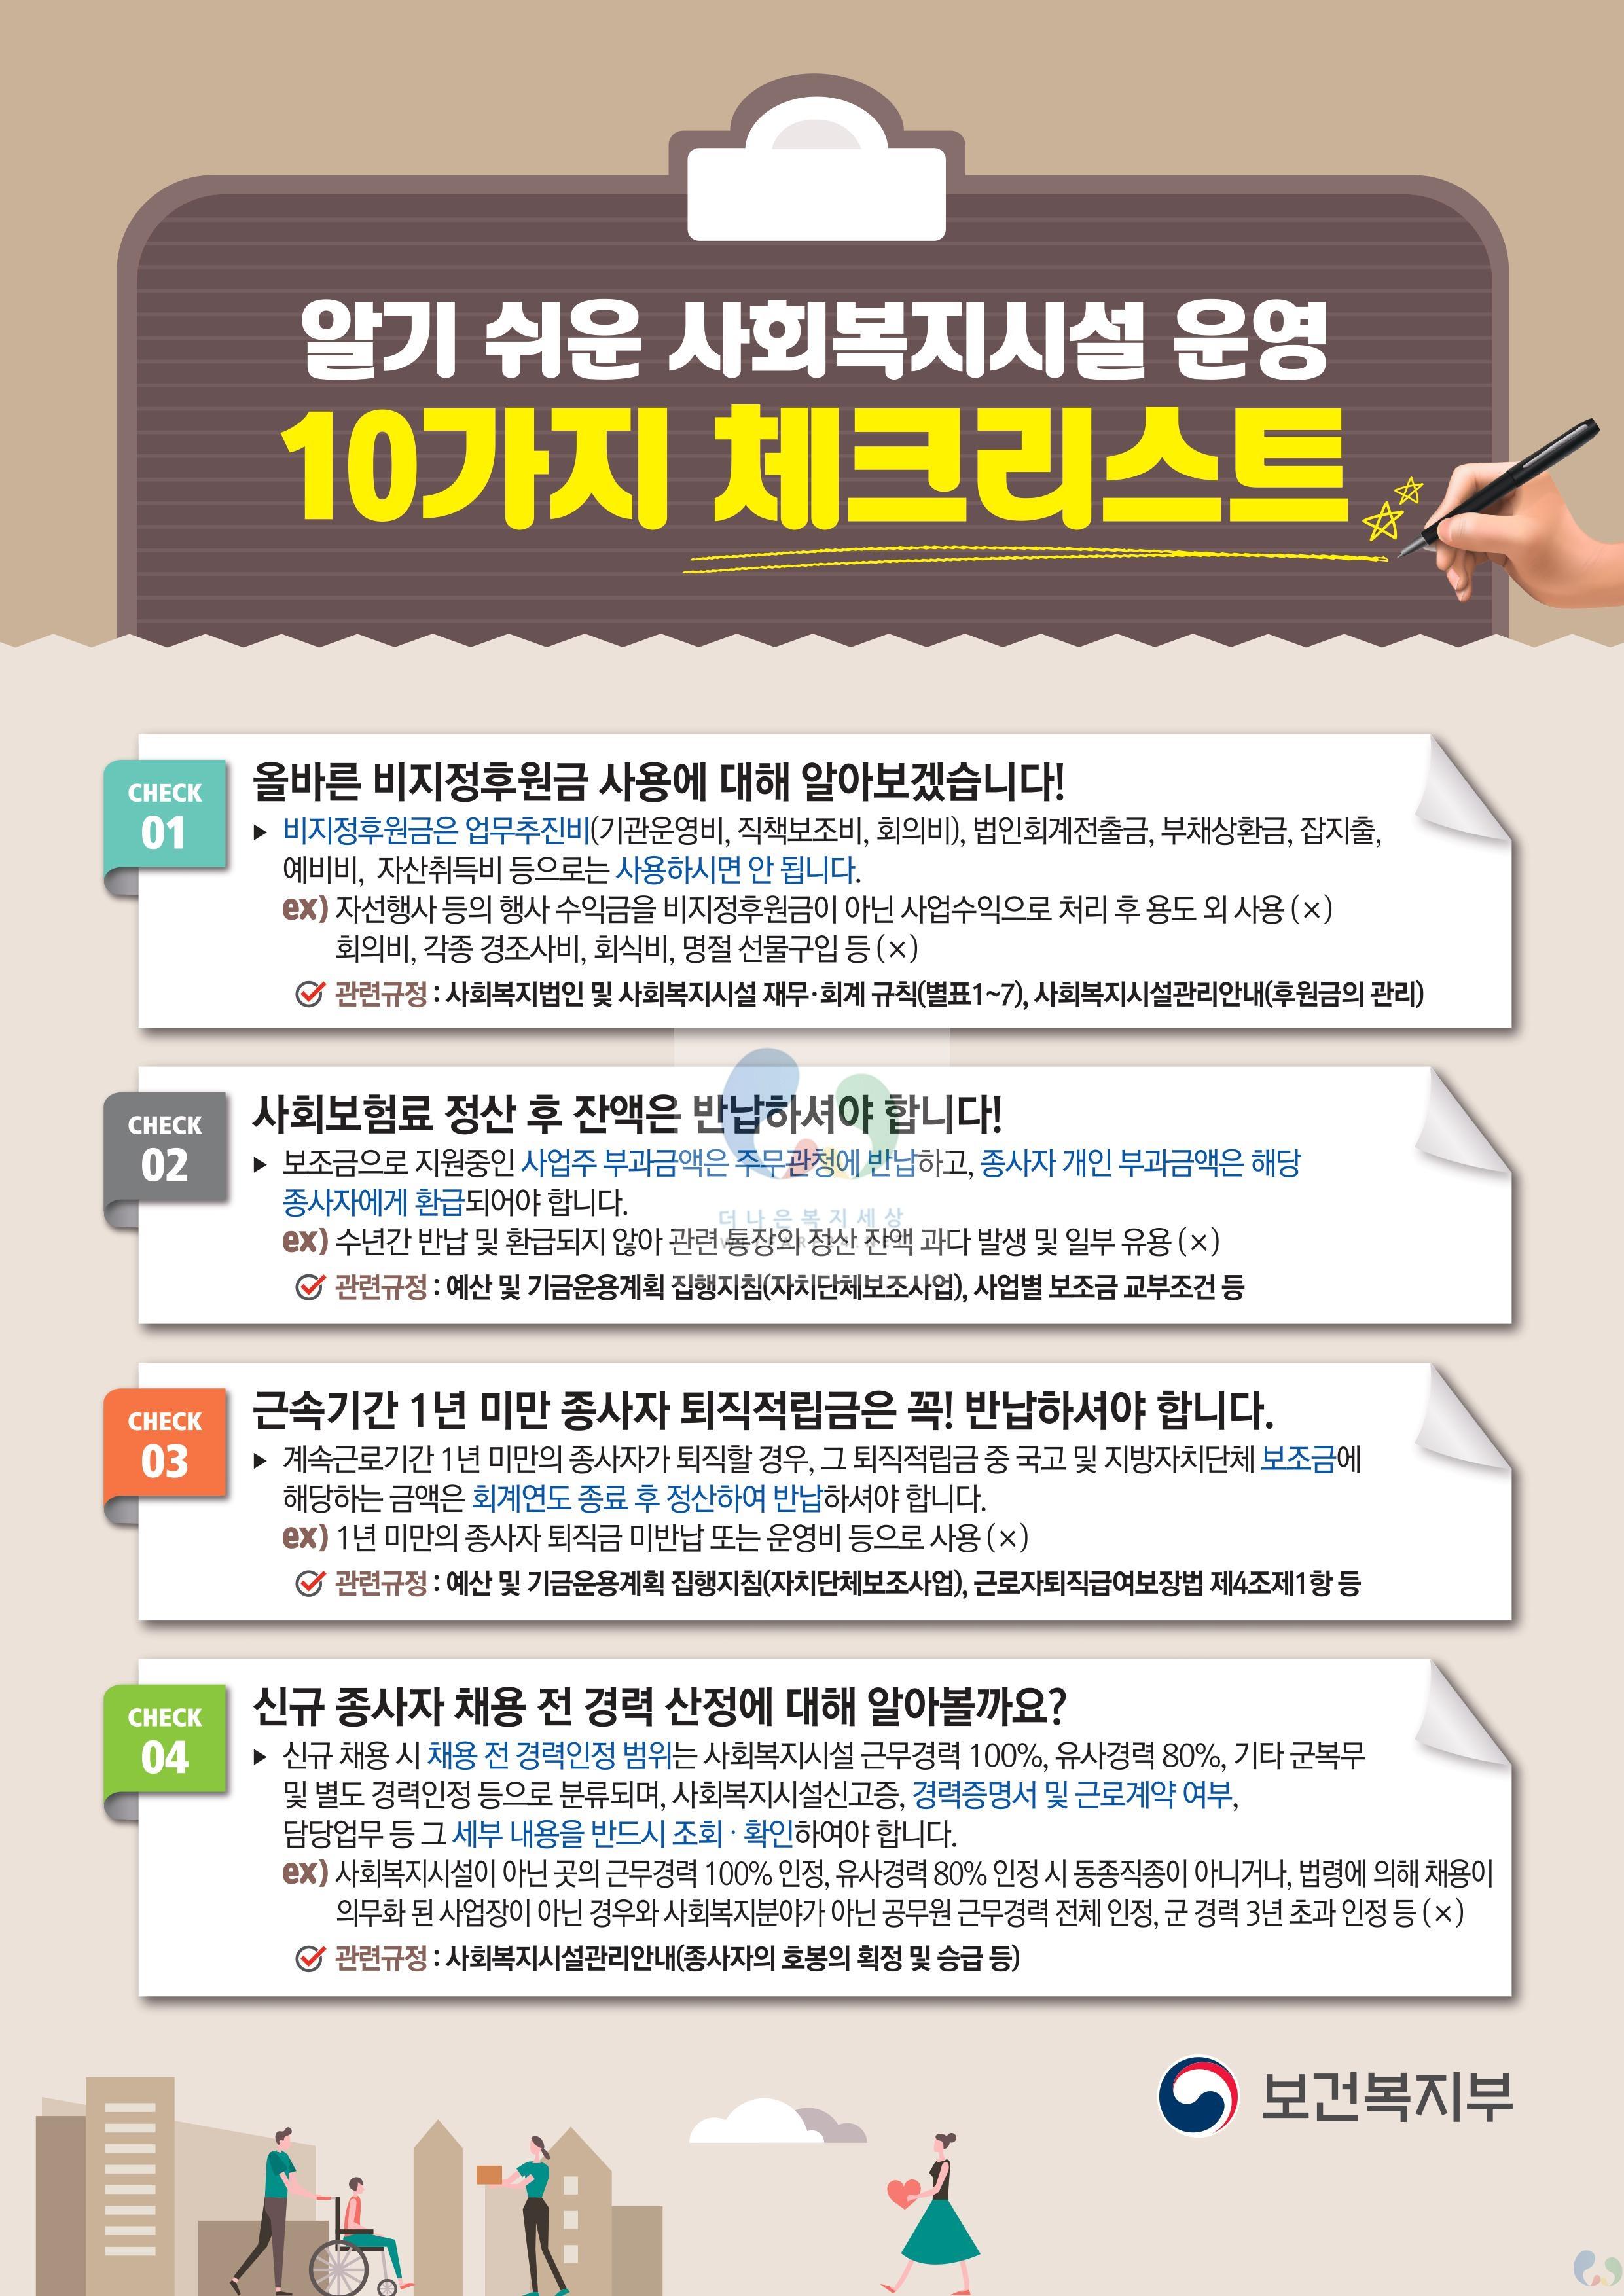 알기 쉬운 사회복지시설 운영 10대 체크리스트_1